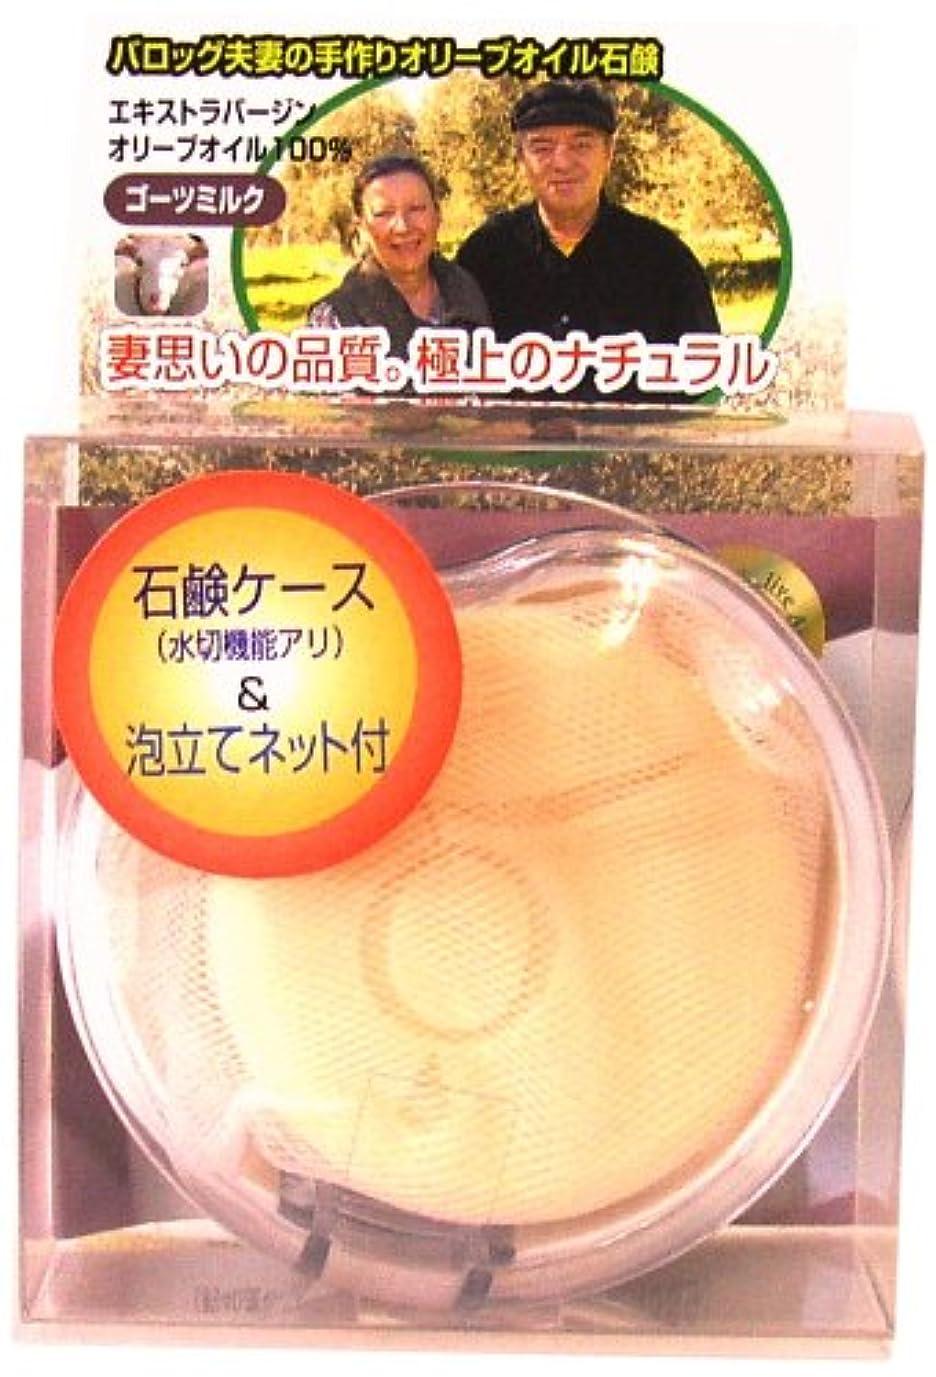 突撃原告思春期バロッグ夫婦の手作りオリーブオイル石鹸 ミニ石鹸ケース付(ゴーツミルク) 20g